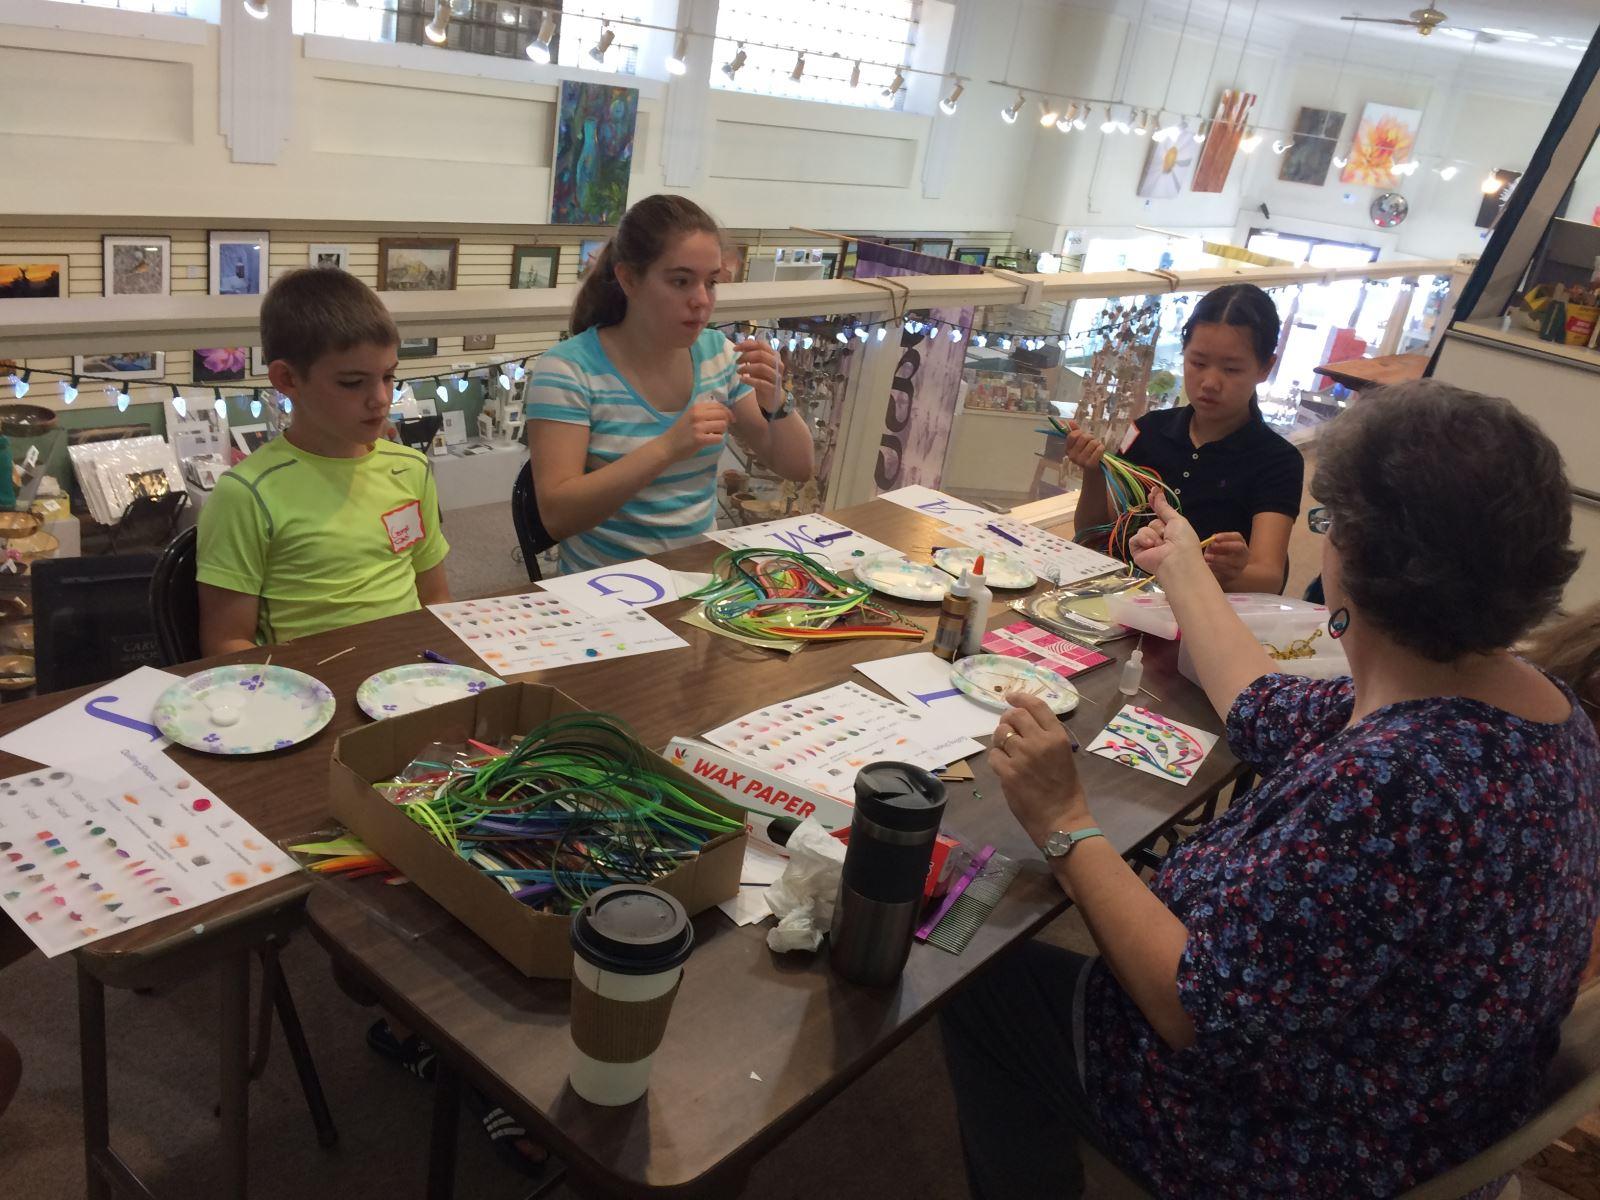 Kids' summer art classes